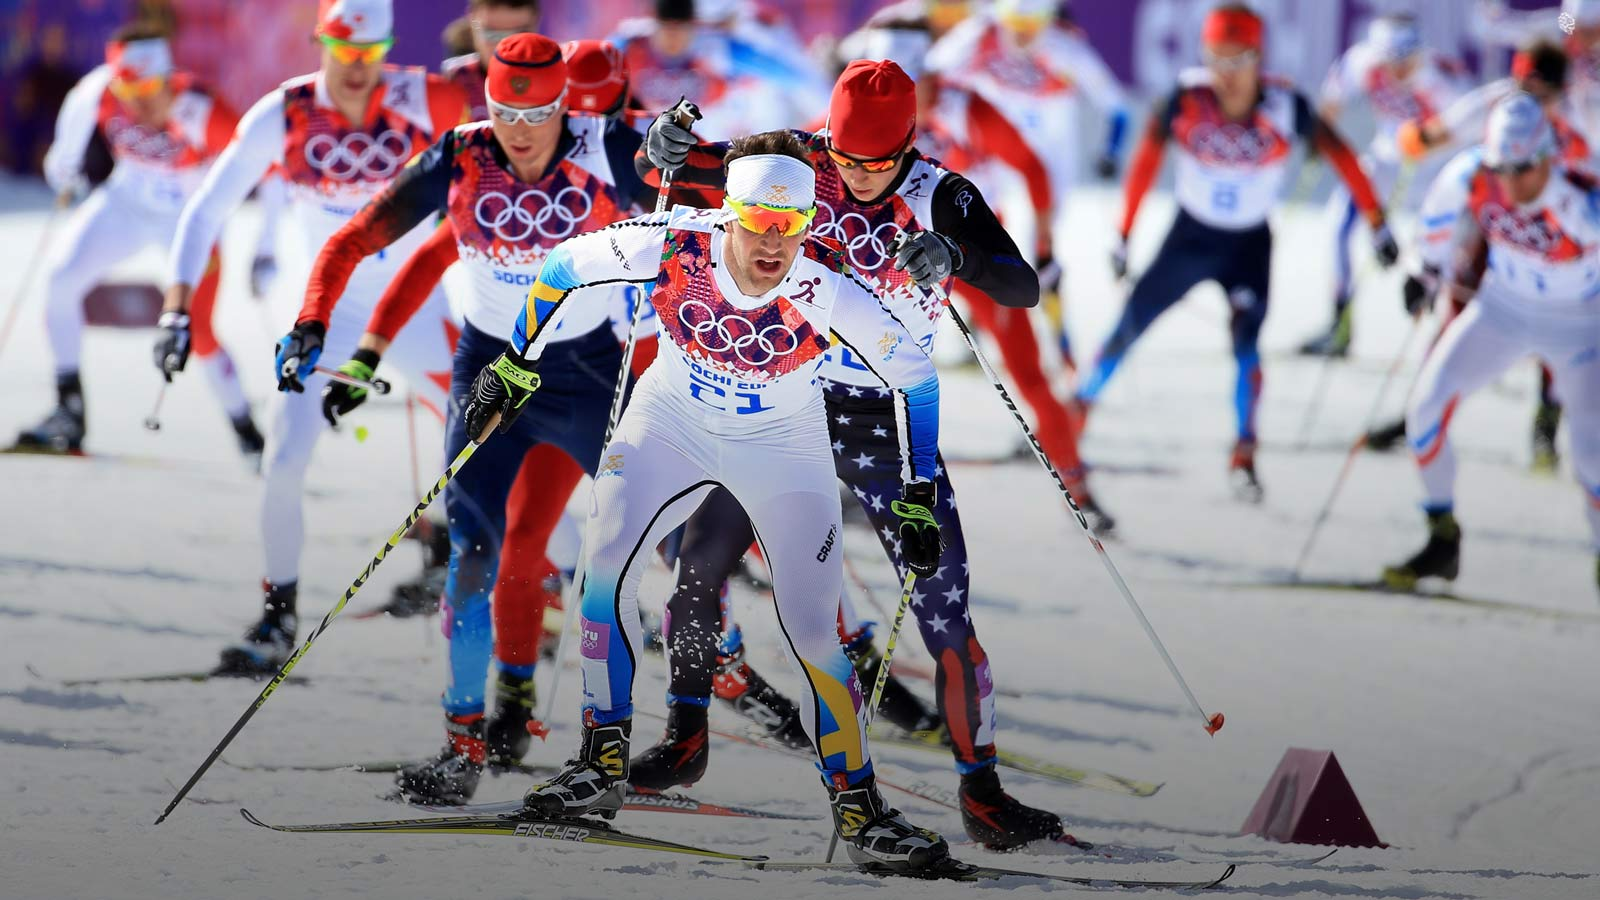 Лыжные гонки олимпиада 2014 смотреть видео онлайн повтор